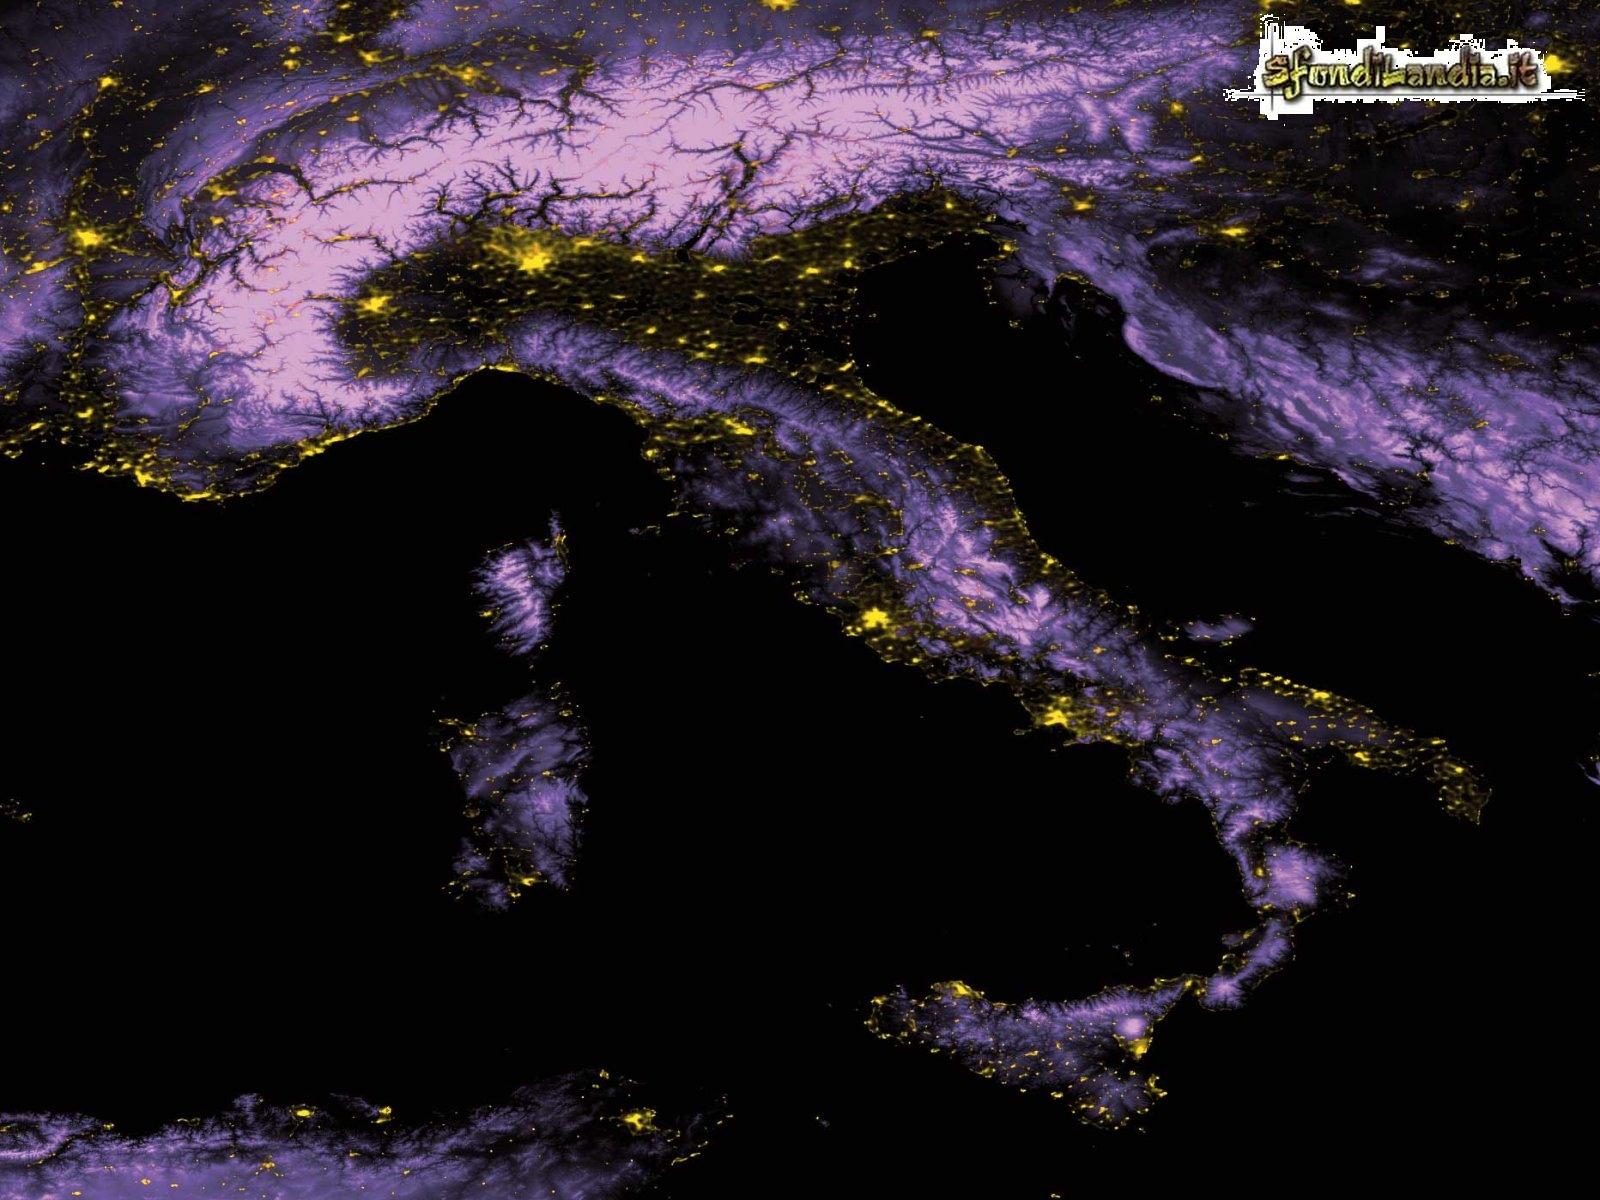 Sfondilandia sfondo gratis di italia notte per